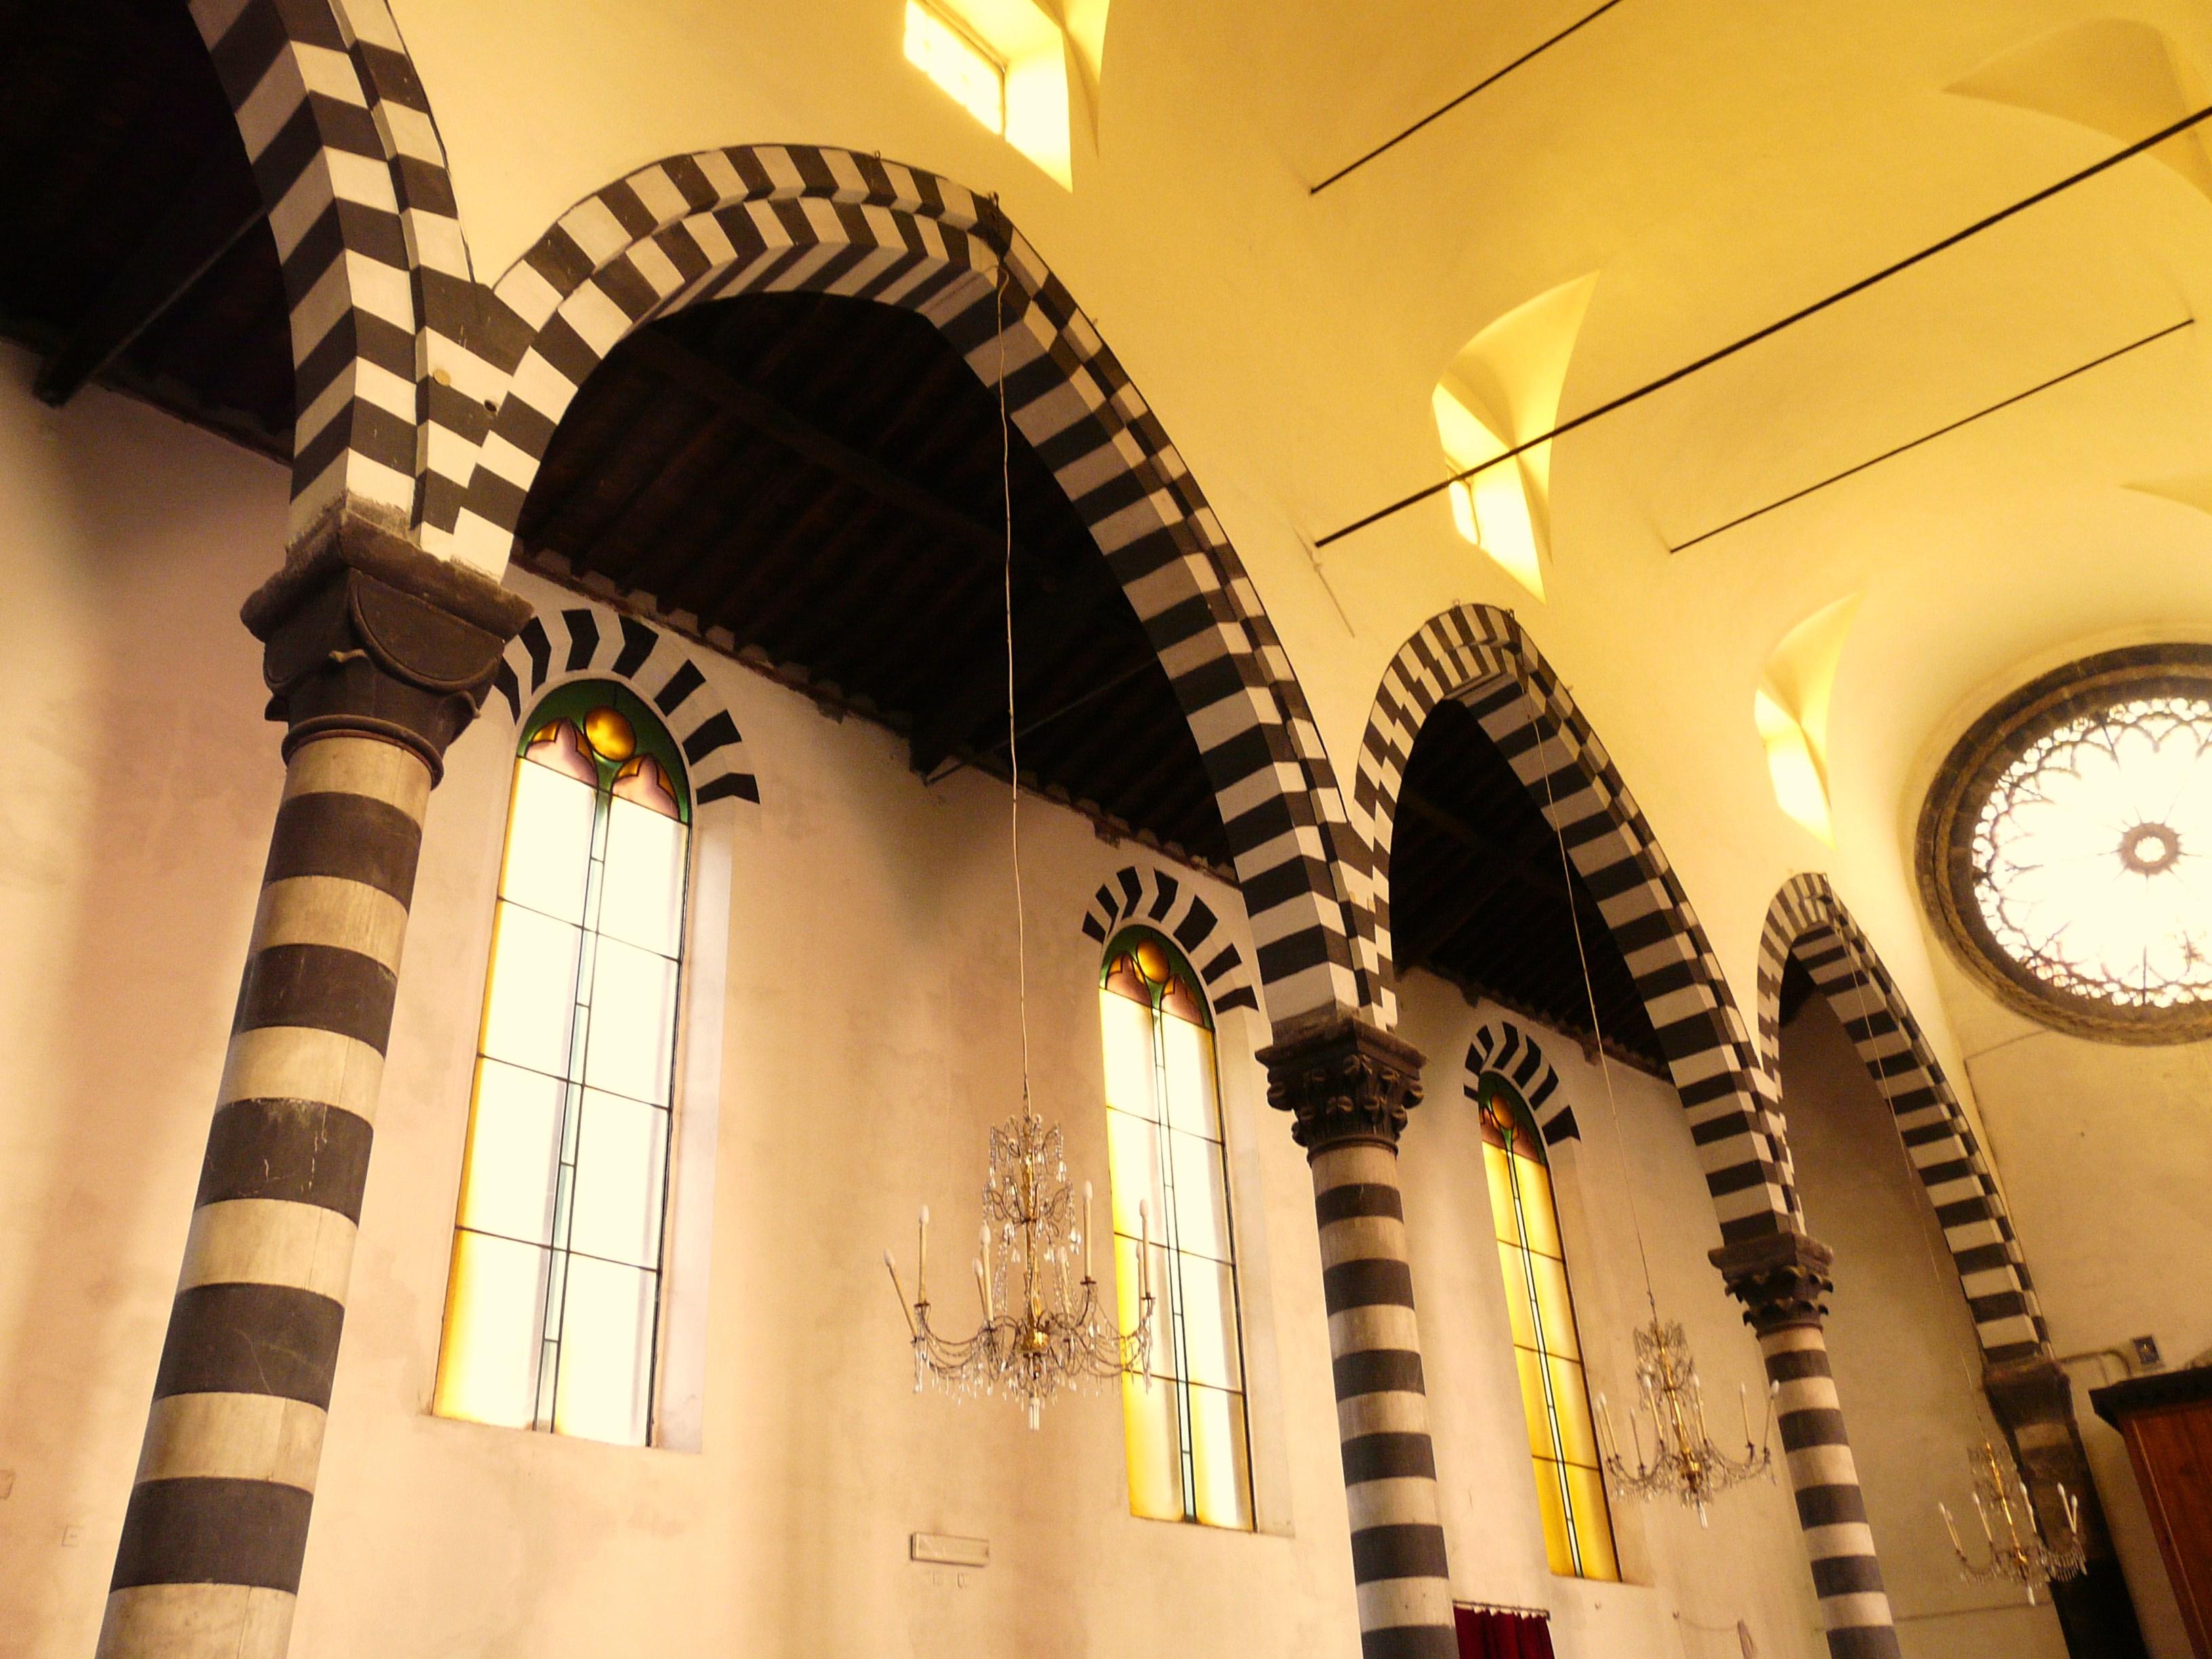 file monterosso al mare-chiesa san giovanni battista-arcate interne jpg